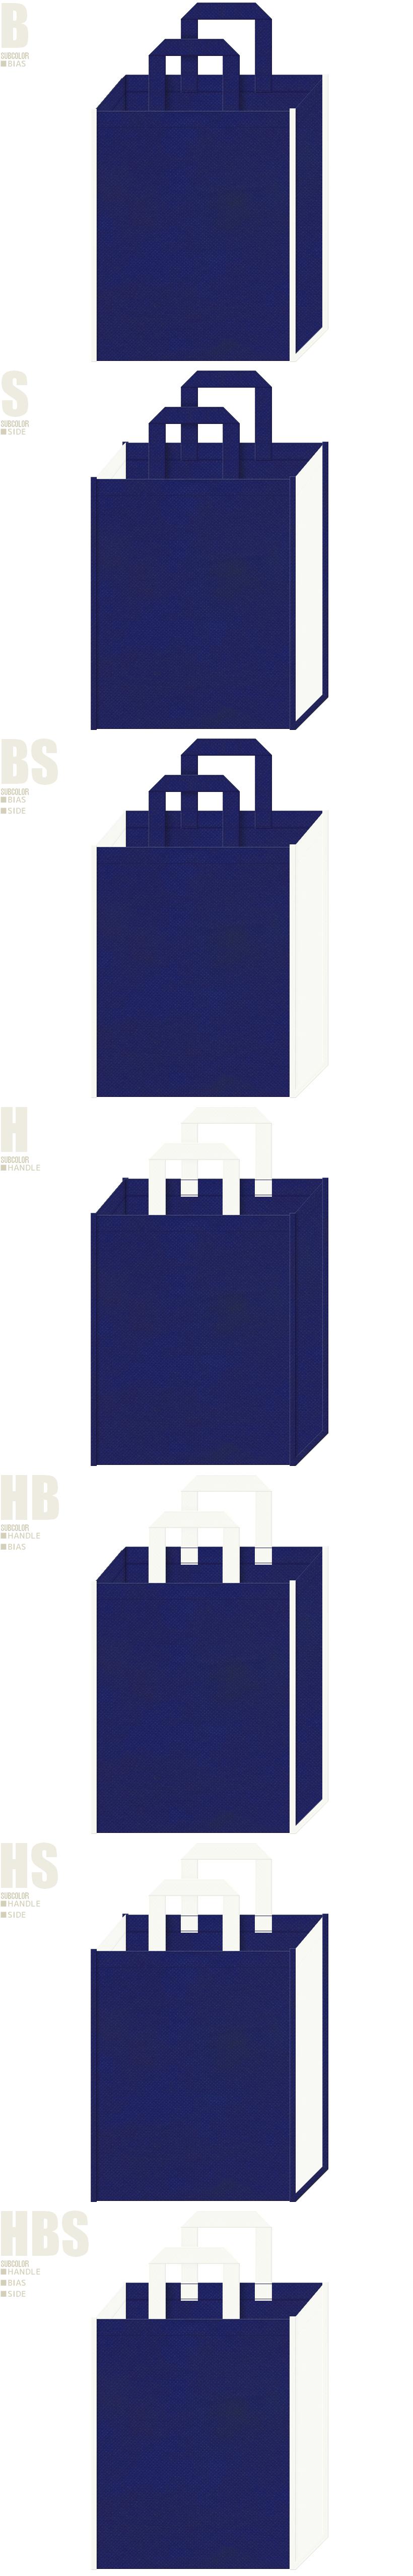 マリンルック・水族館・クルージング・太陽光発電・太陽光パネルの展示会用バッグにお奨めの不織布バッグデザイン:明るい紺色とオフホワイト色の不織布バッグ配色7パターン。